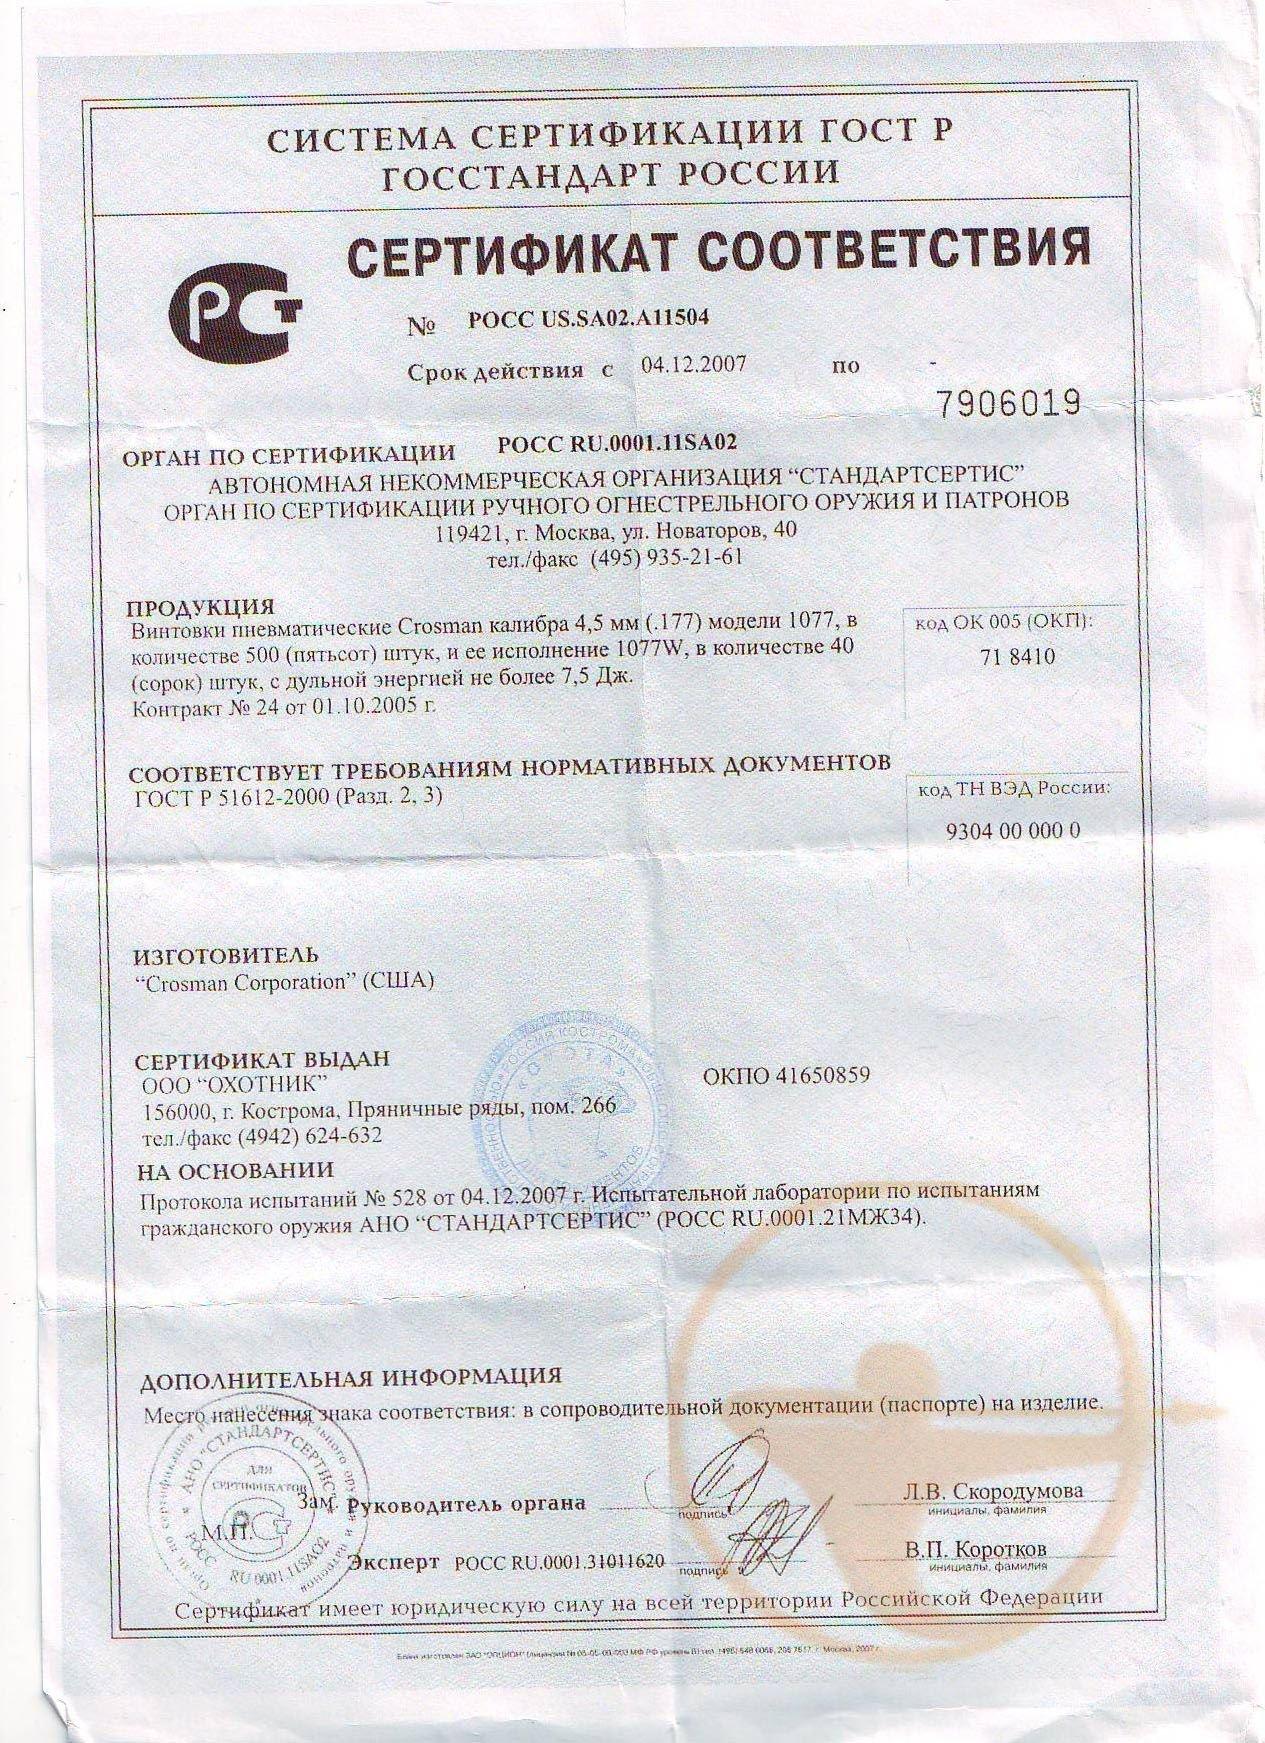 Винтовка Crosman 1077 - сертификат